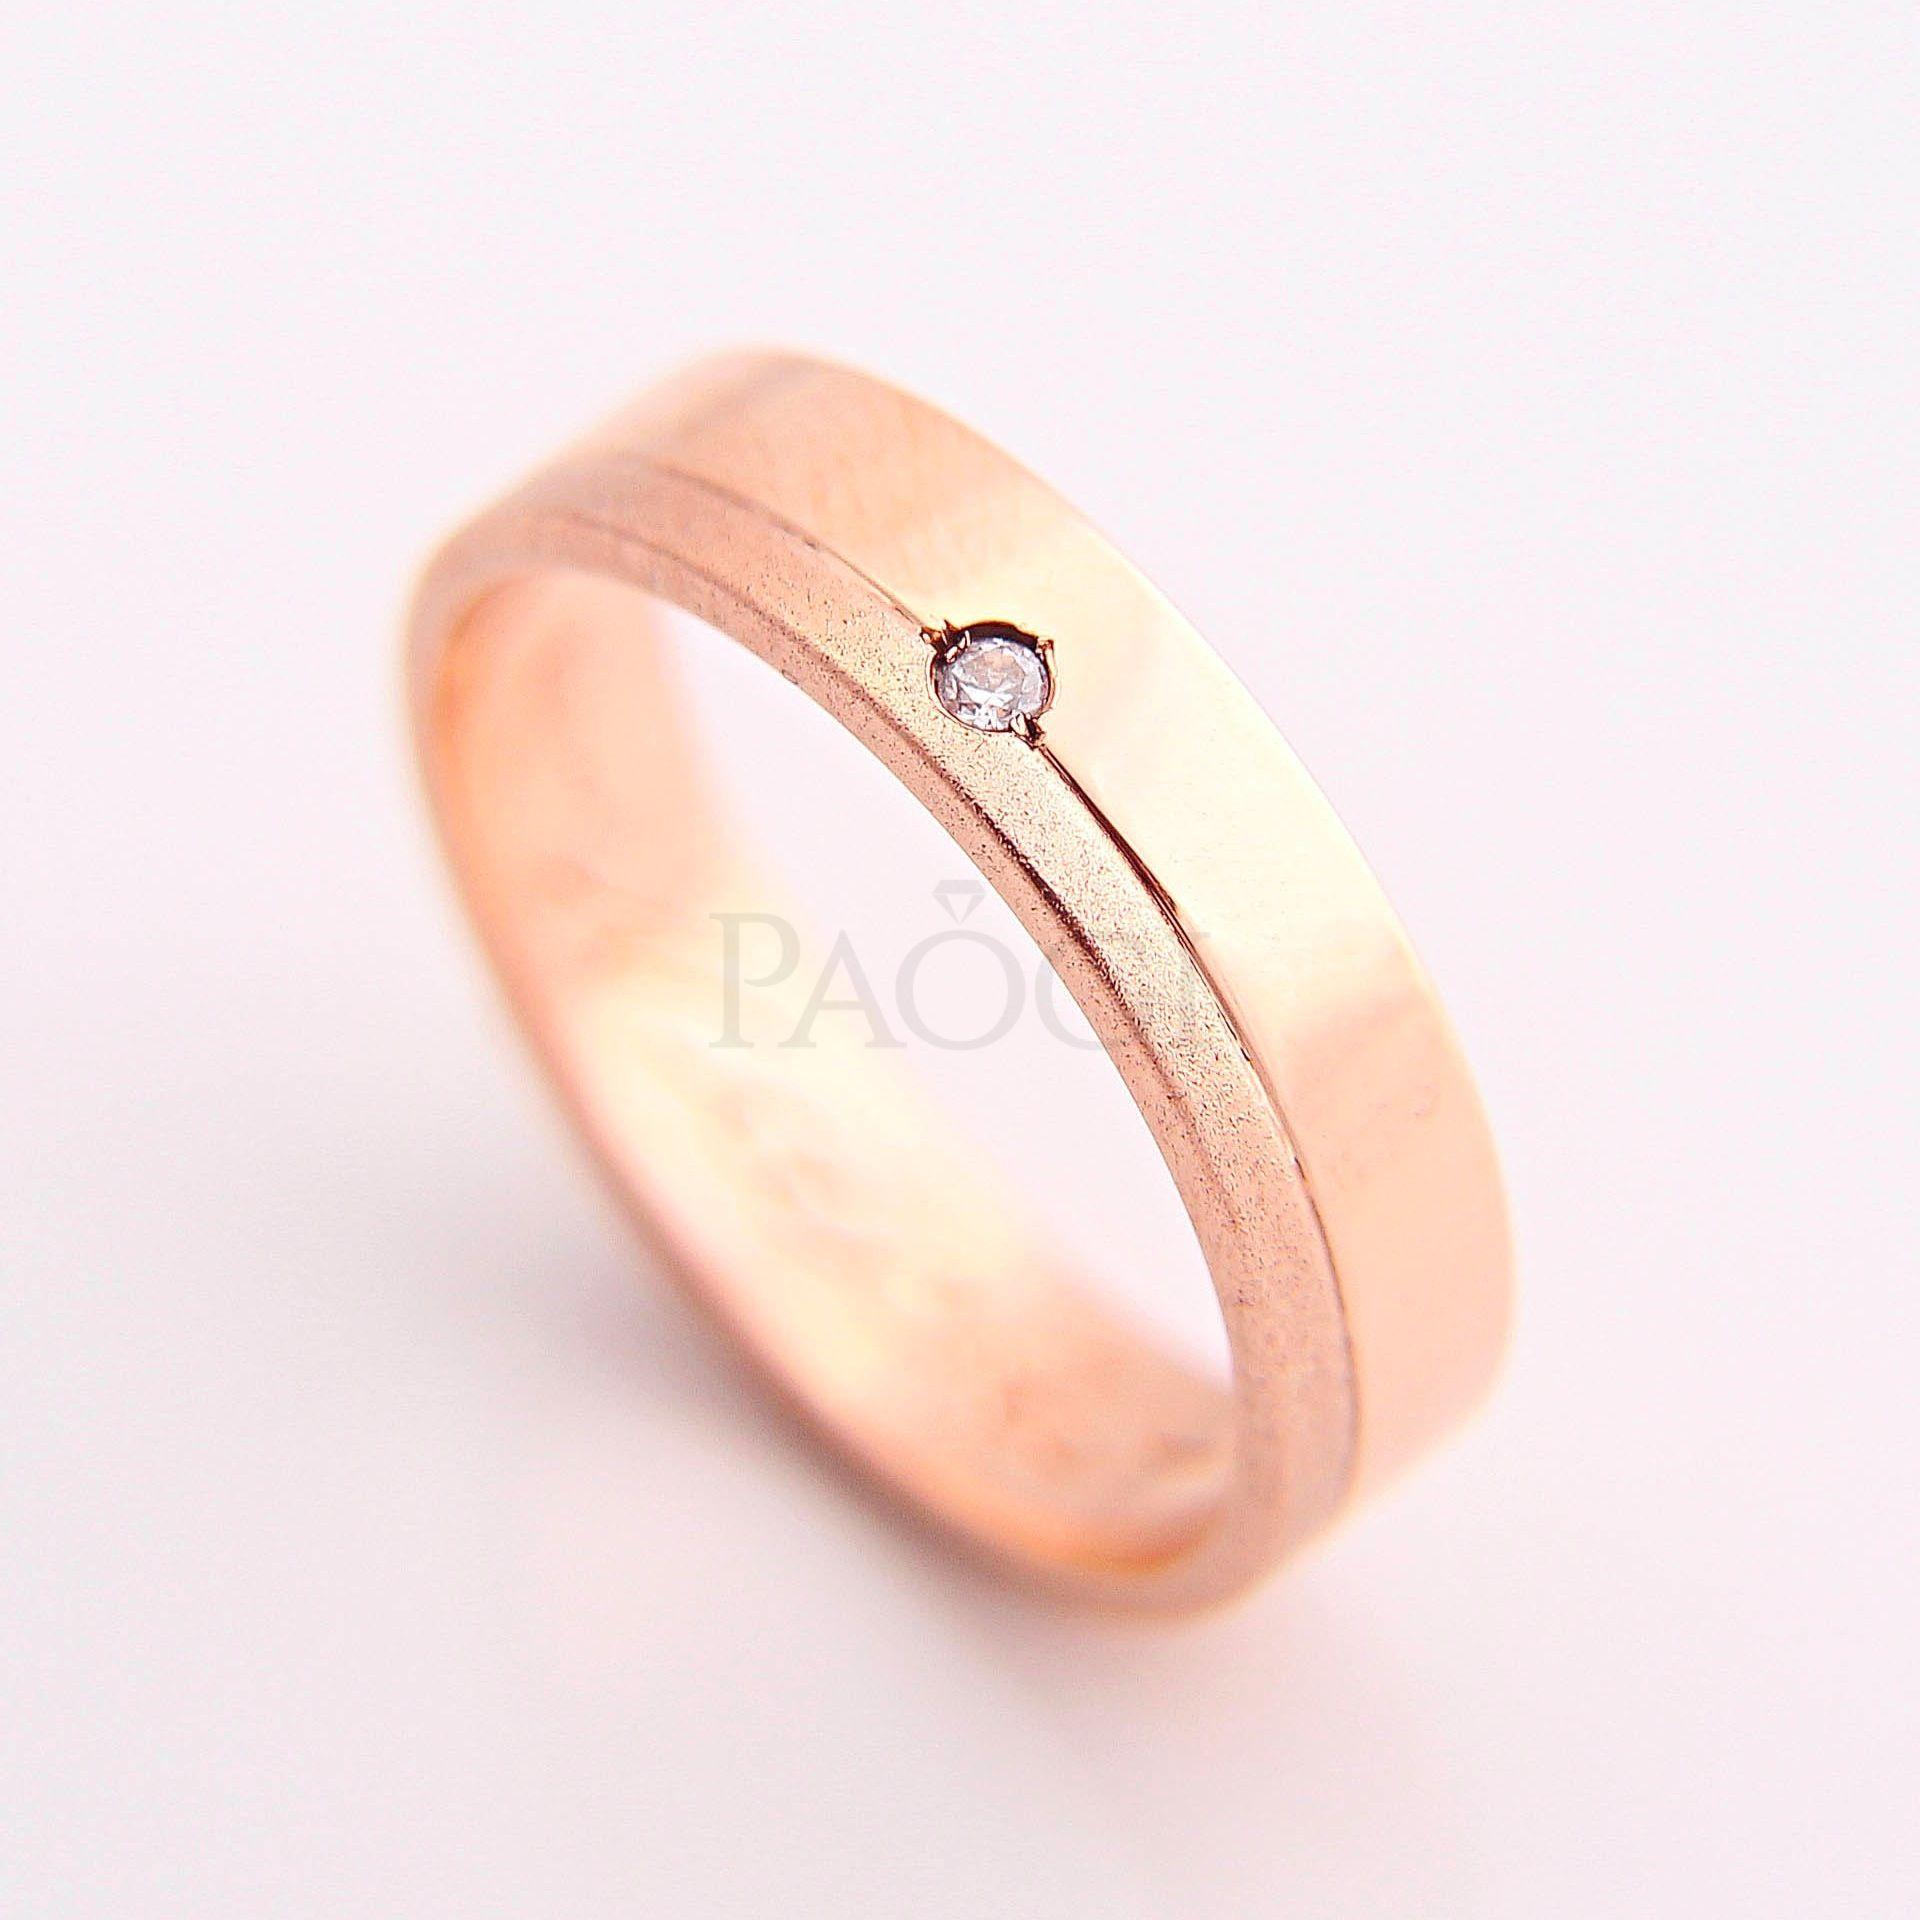 Paogi - Alianzas en oro rojo Cintas con lateral Arenado y Diamante Brillante